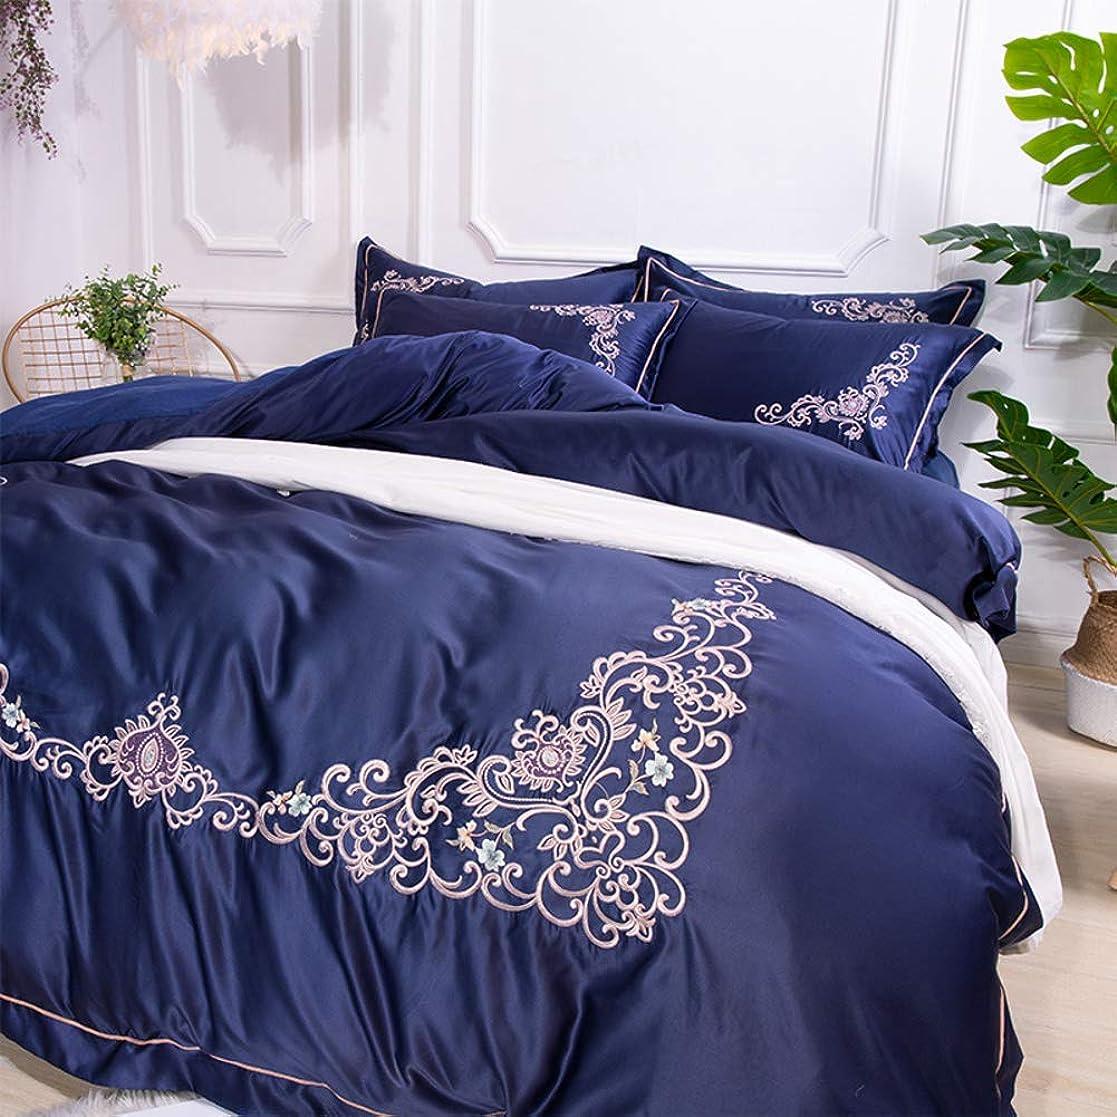 着替える自慢捧げるシルク 刺繍 綿サテン 寝具カバーセット, 4 ピース ジャカード ソフト 快適 綿 夏 クールな 肌-フレンドリー 寝具ベッド ファスナー付け-t